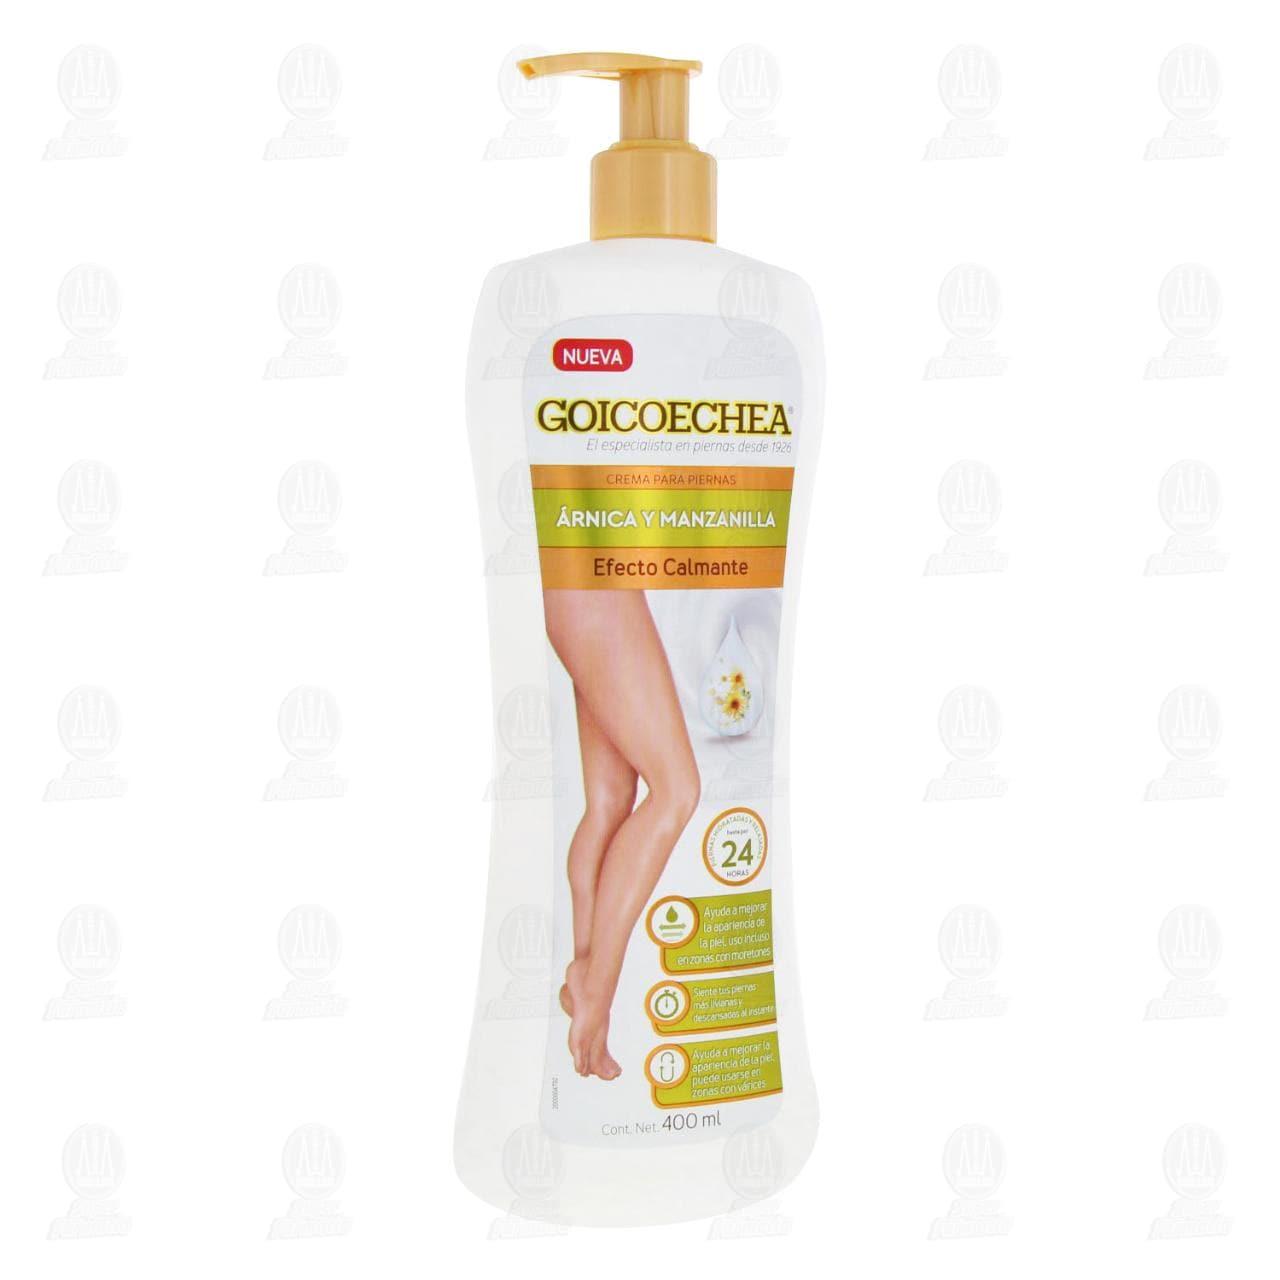 Comprar Crema para Piernas Goicoechea Efecto Calmante con Árnica y Manzanilla, 400 ml. en Farmacias Guadalajara